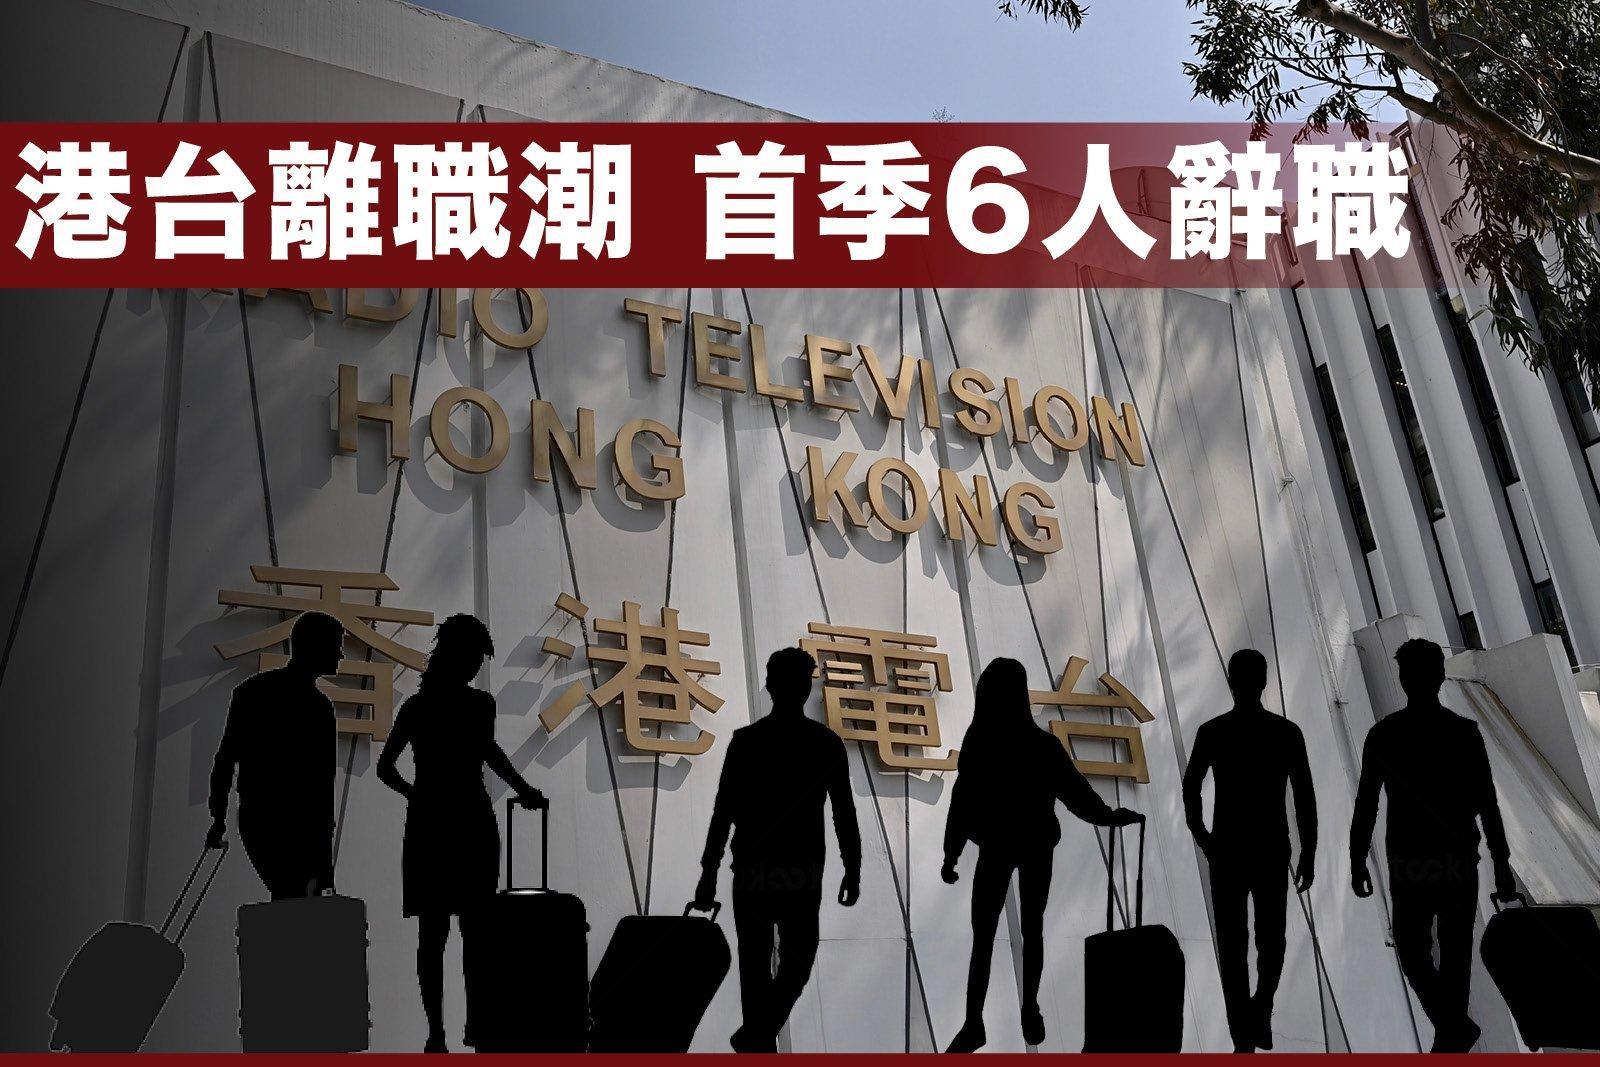 香港電台疑現離職潮,今年首季(1-3月)共6名公務員辭職。(大紀元製圖)